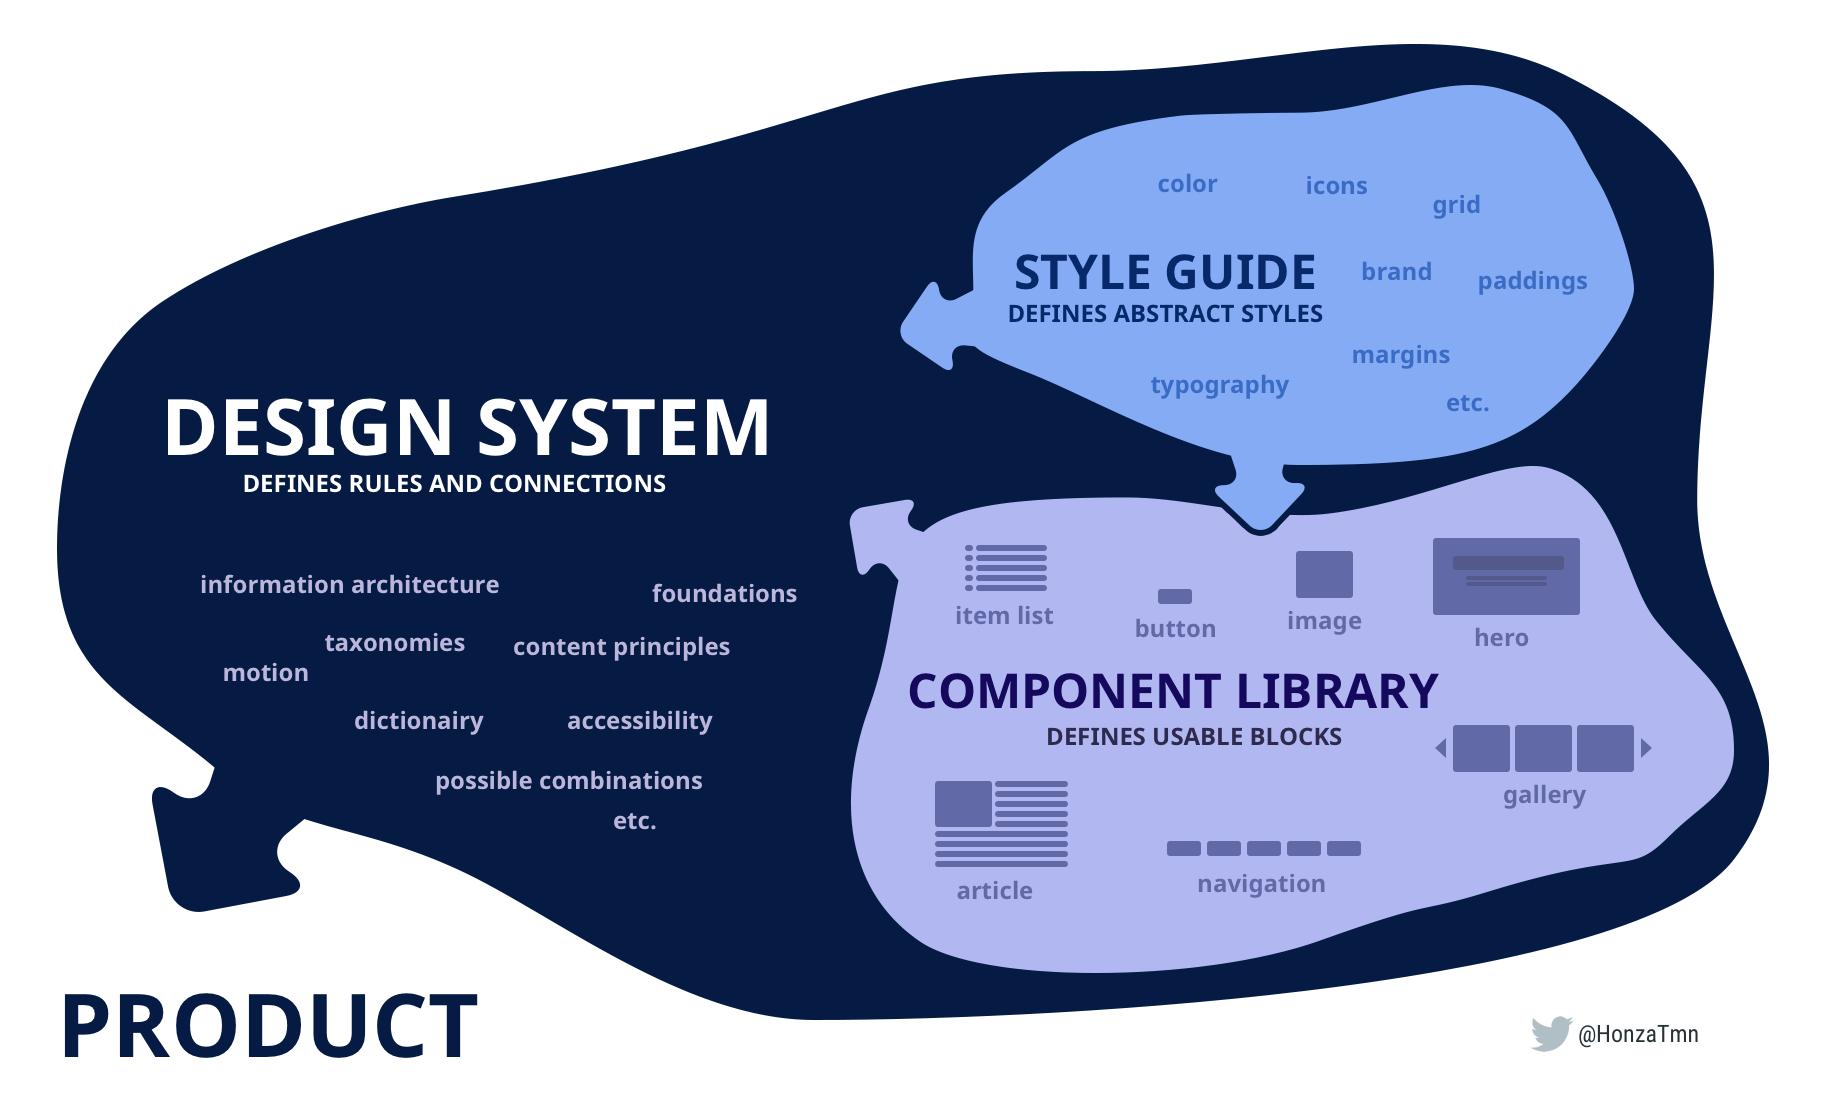 デザインシステムの一般的な定義として、ドキュメント、スタイルガイド、コンポーネントライブラリが包括されているイメージ図